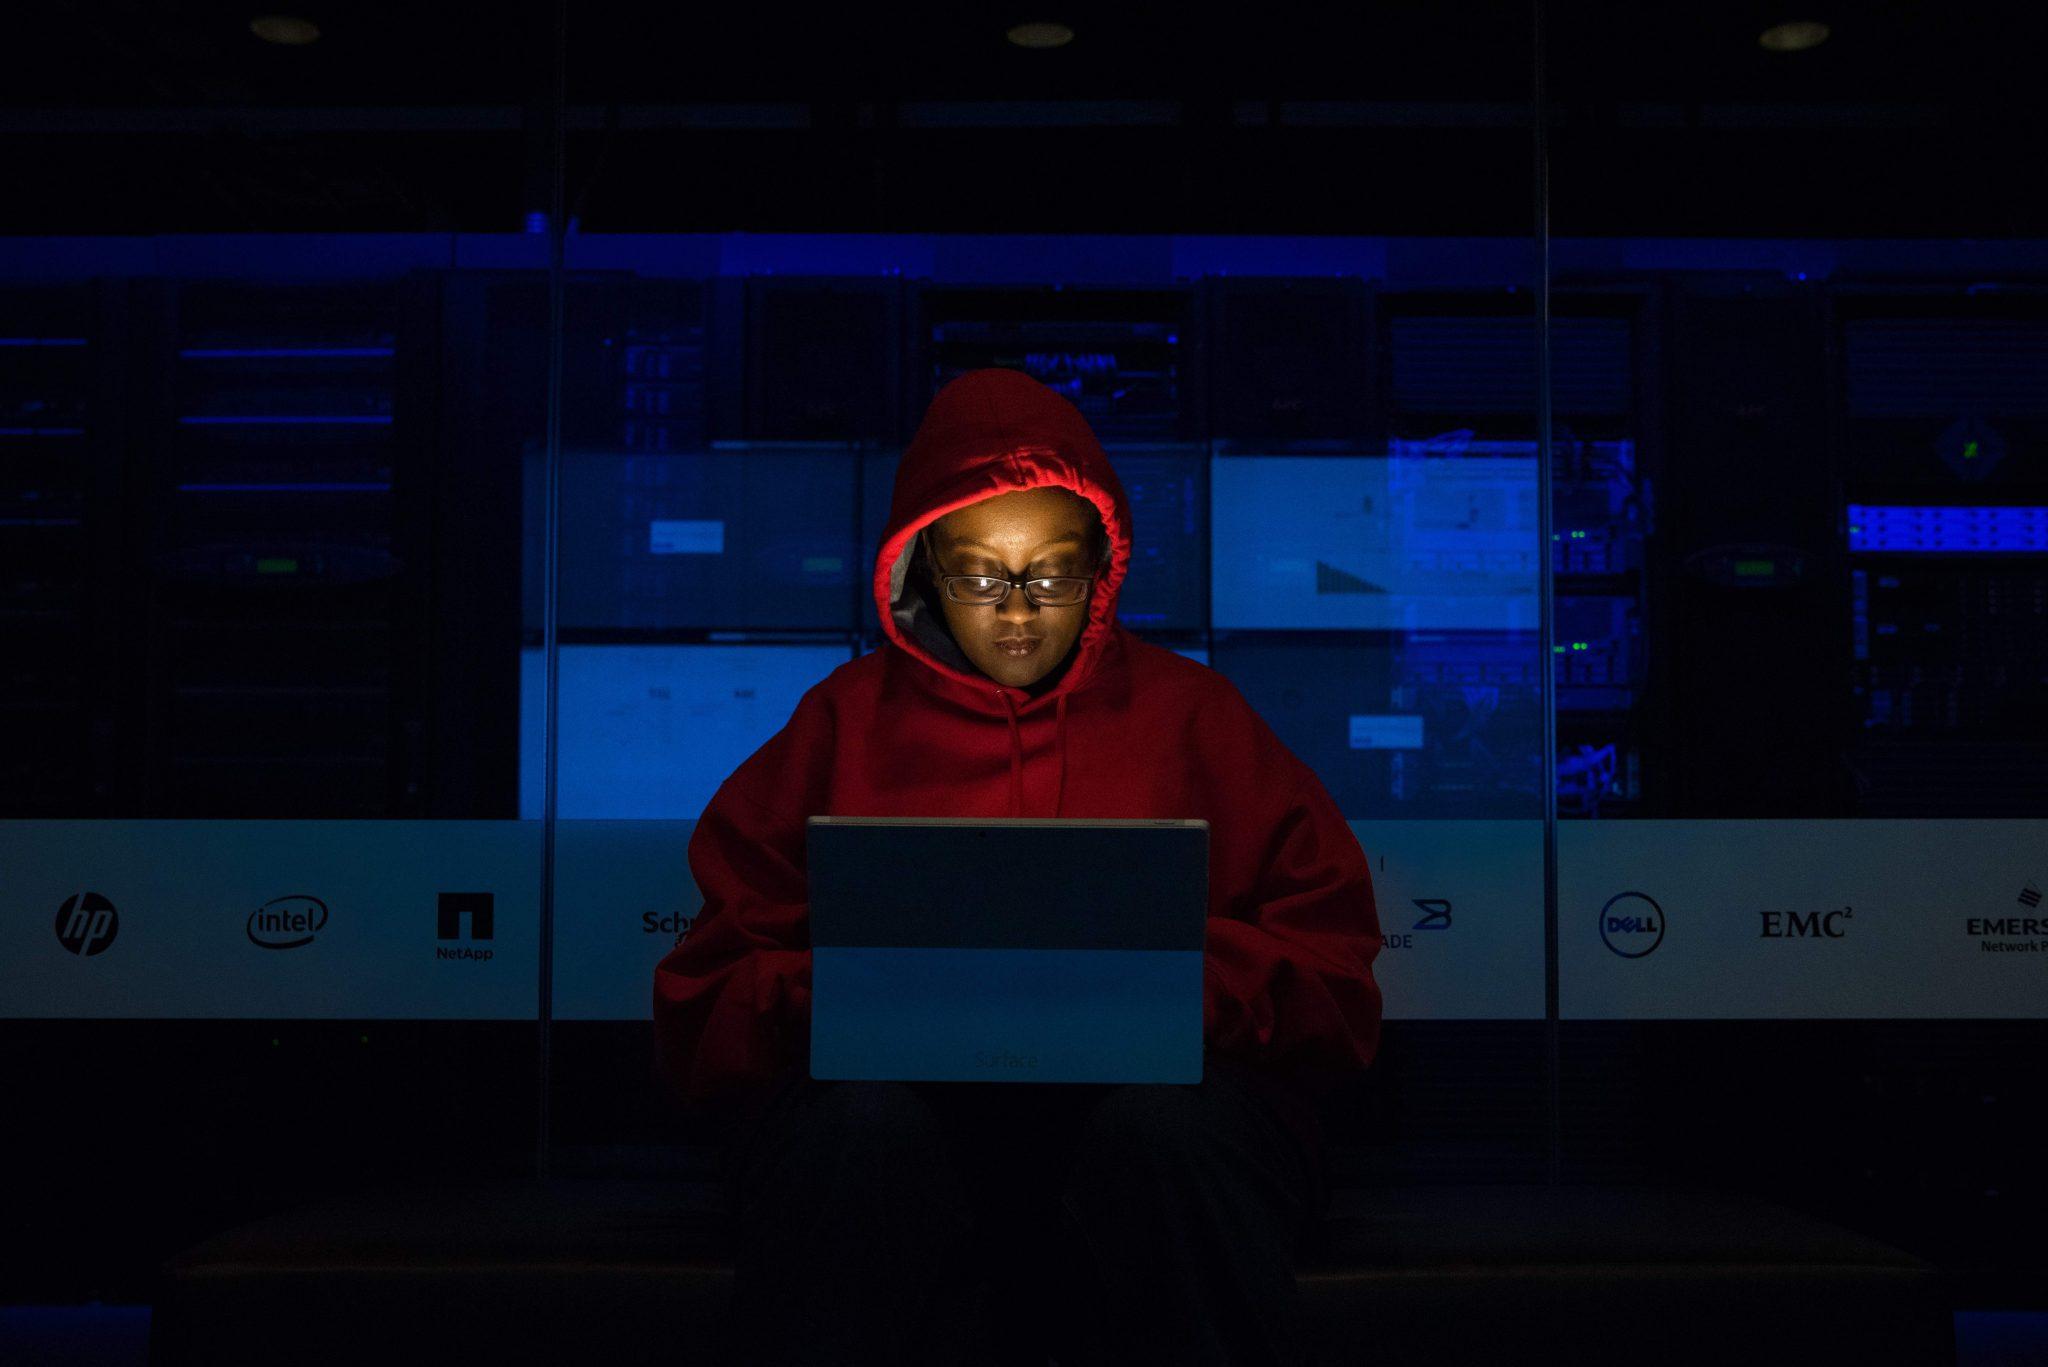 Etnografia digitale: una ragazza incappucciato davanti al pc impegnato in una ricerca.